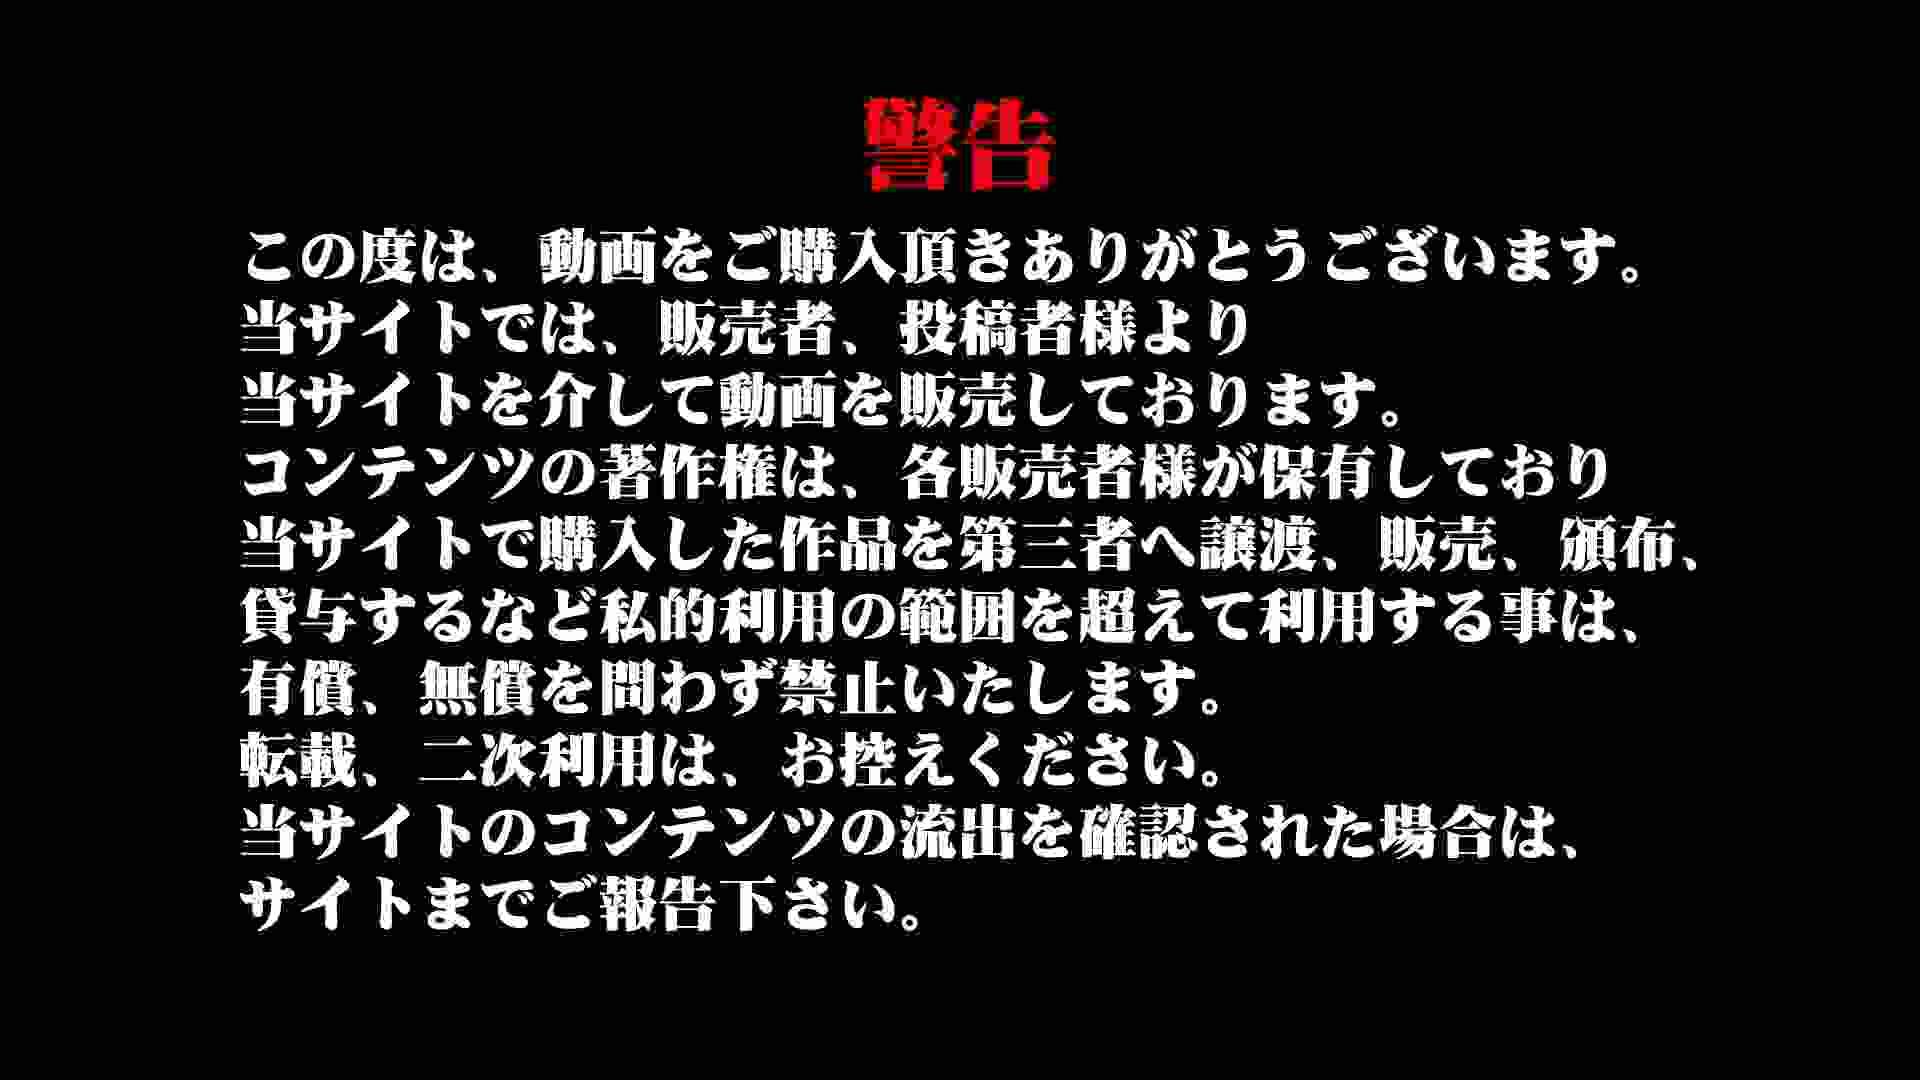 Aquaな露天風呂Vol.927 OLのエロ生活  89連発 51